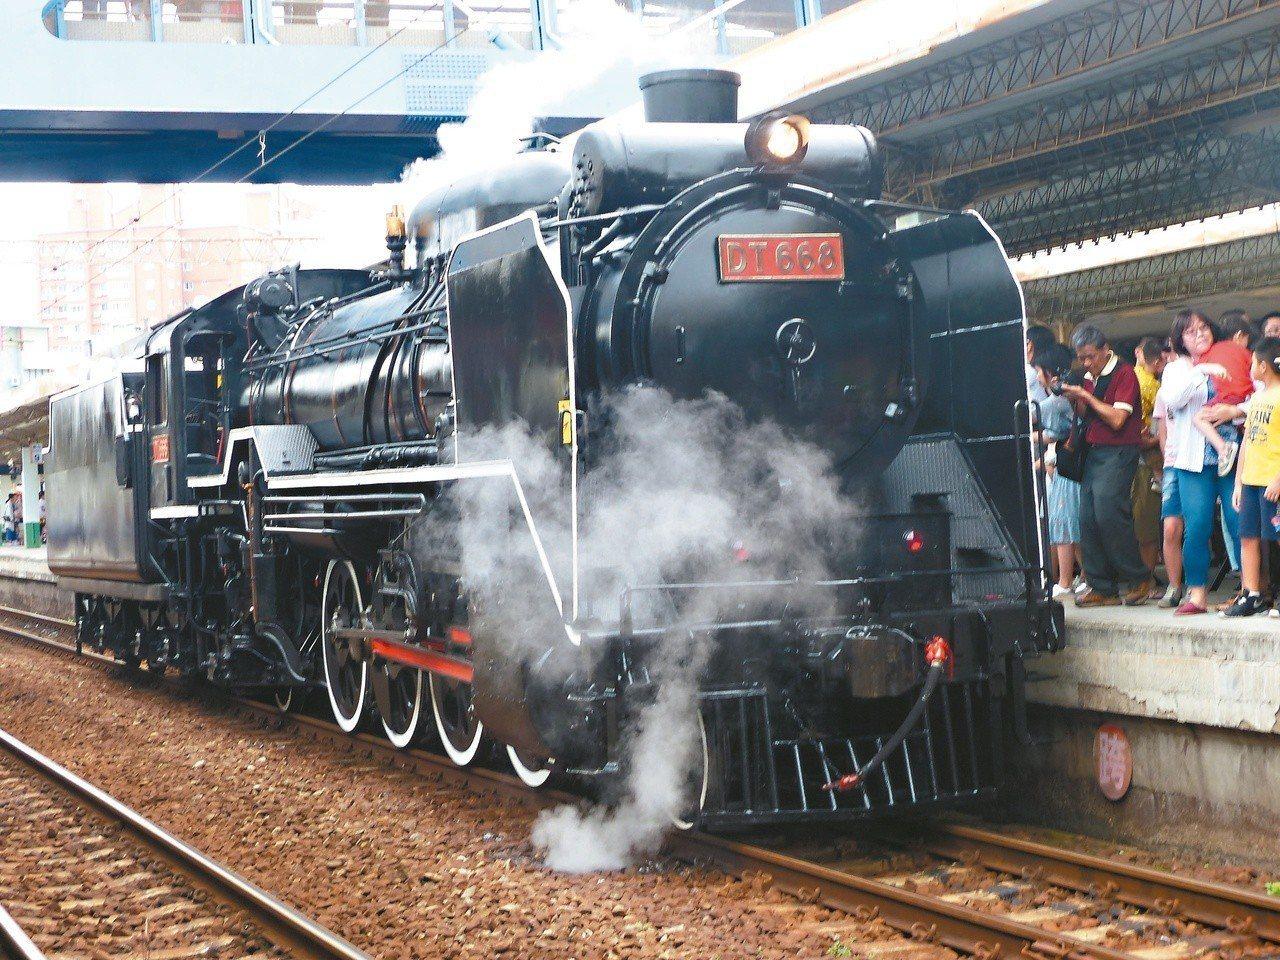 DT668蒸汽火車煙囟冒起黑煙,並散發著蒸汽,緩緩駛進彰化站第二月台。 記者劉明...